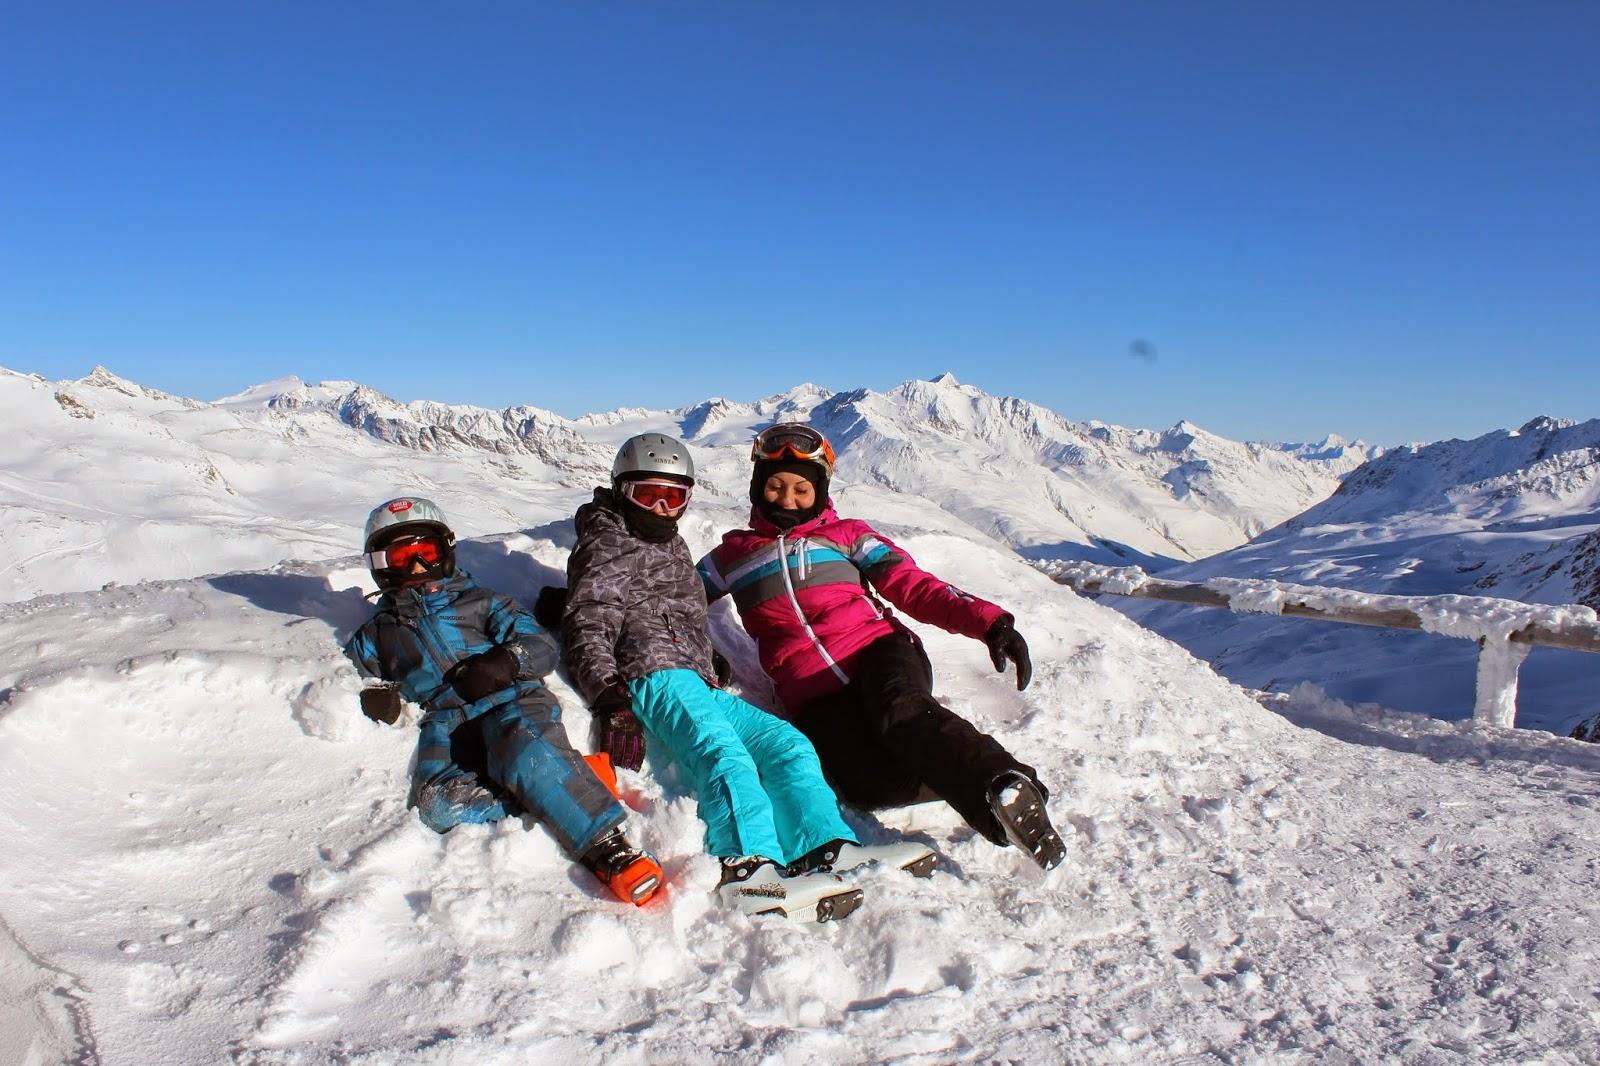 happy fun italy blogger, śnieg, snow grawand, lodowiec narty